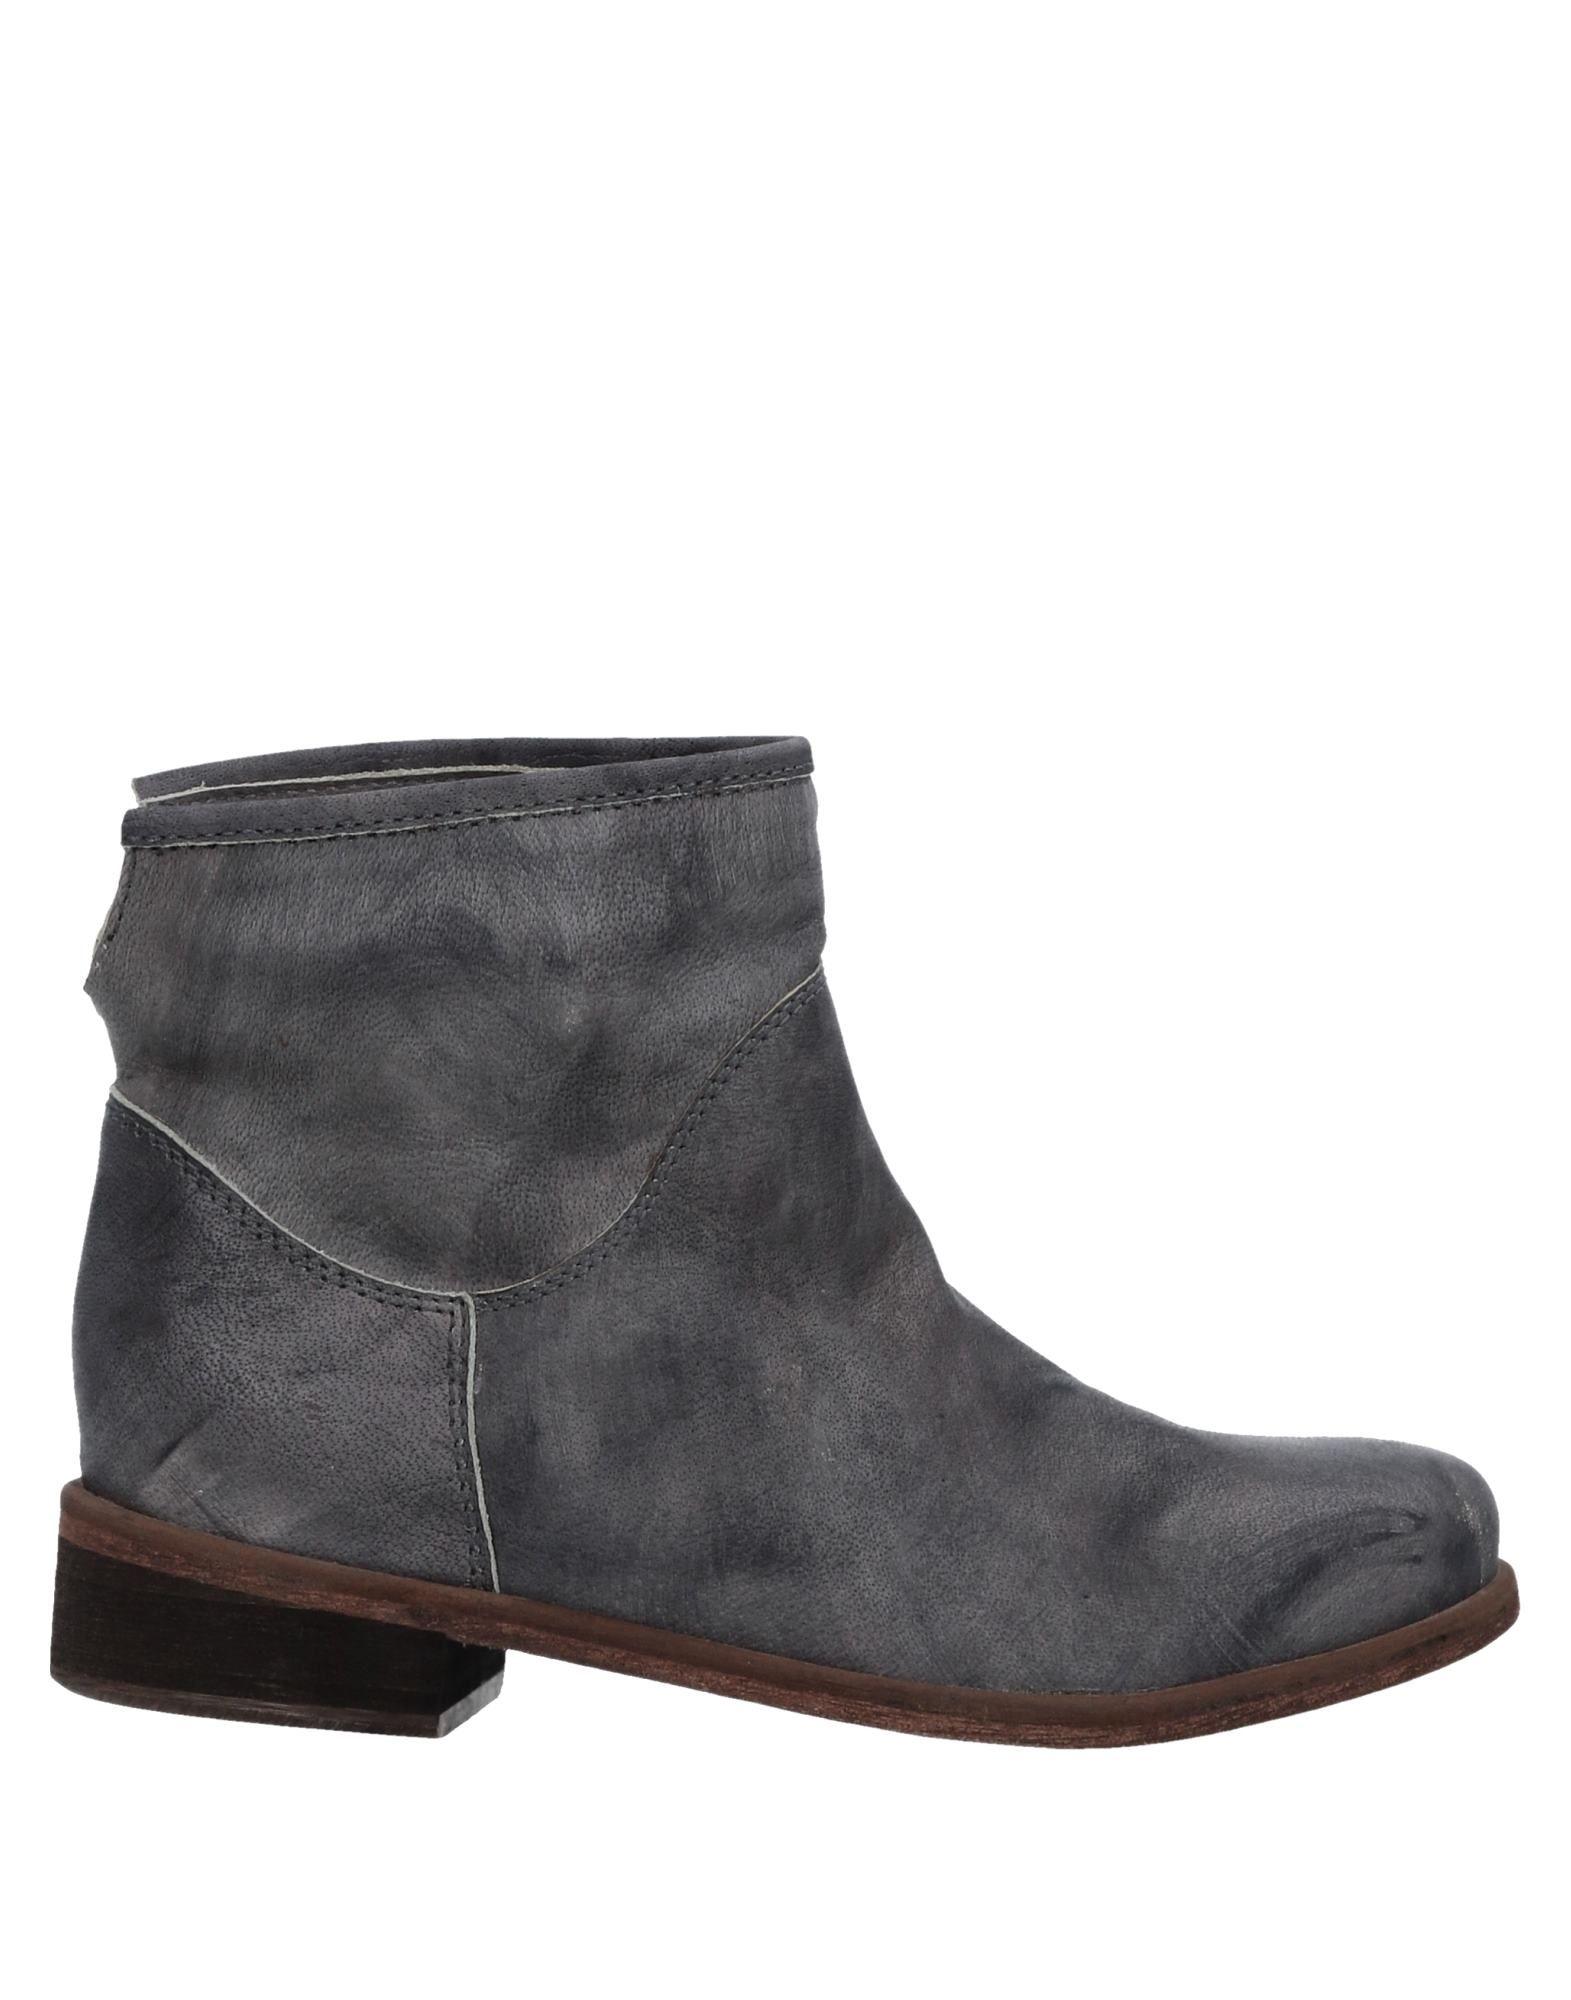 San Crispino Stiefelette Damen  11523188EK Gute Qualität beliebte Schuhe